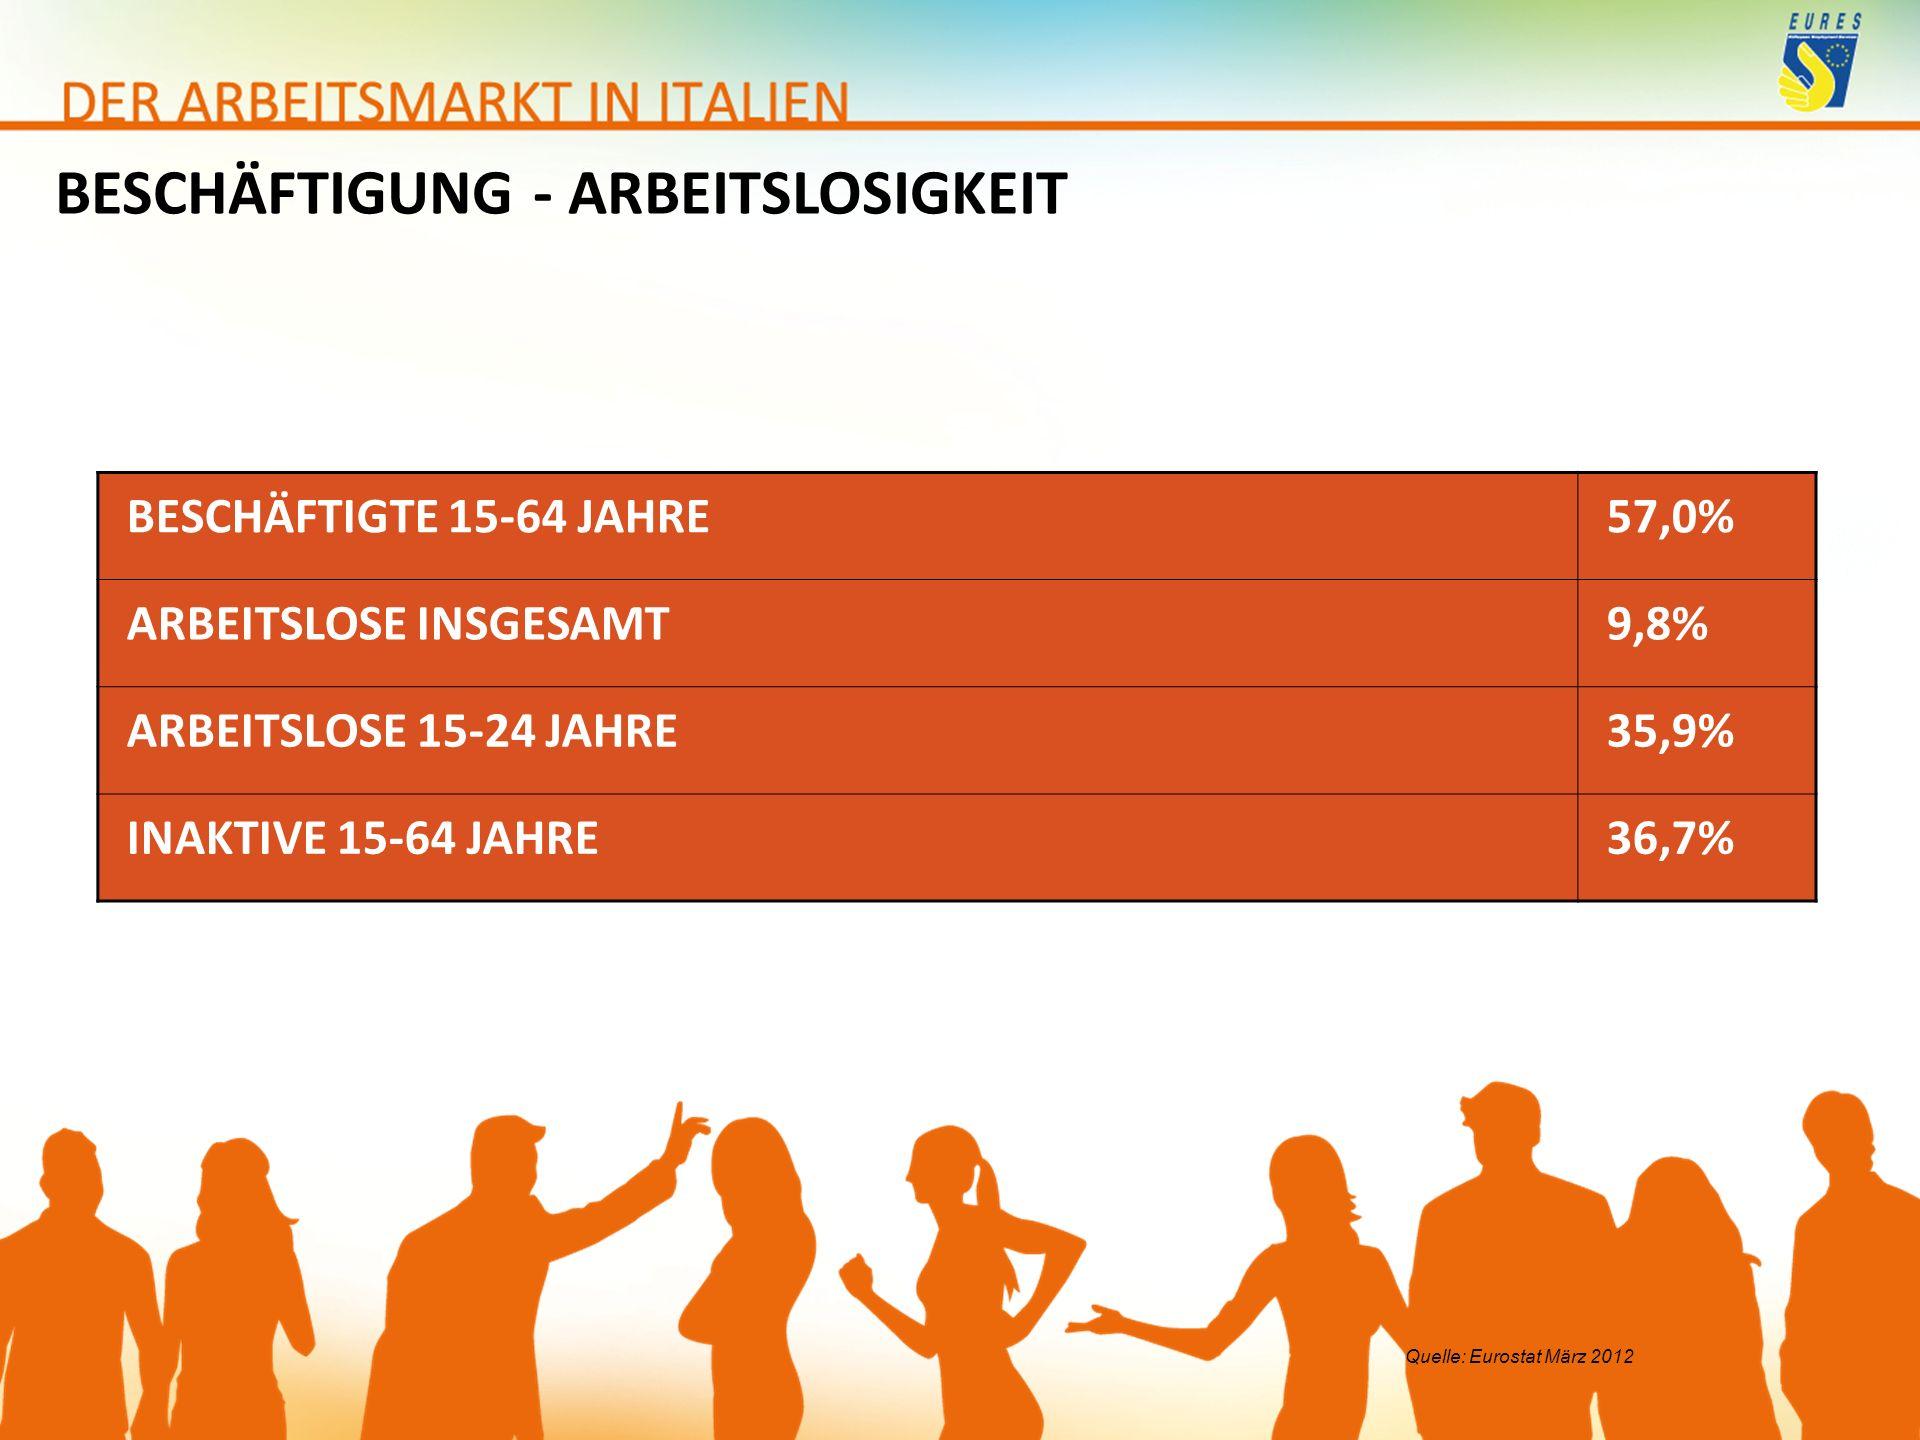 WER ZWISCHEN ANGEBOT UND NACHFRAGE VERMITTELT  DIE ARBEITSAGENTUREN www.cliclavoro.gov.it  AUTORISIERTE ARBEITSÄMTER  PRIVATE UND ÖFFENTLICHE UNIVERSITÄTEN  DIE GEMEINDEN  DIE HANDELSKAMMERN  STAATLICHE UND RECHTLICH GLEICHGESTELLTE OBERSCHULEN  DIE NATIONAL WEIT REPRÄSENTATIVSTEN VERBÄNDE VON ARBEITGEBERN UND ARBEITNEHMERN  BILATERALE EINRICHTUNGEN  BETREIBER VON WEBSITES (falls gemeinnützig)